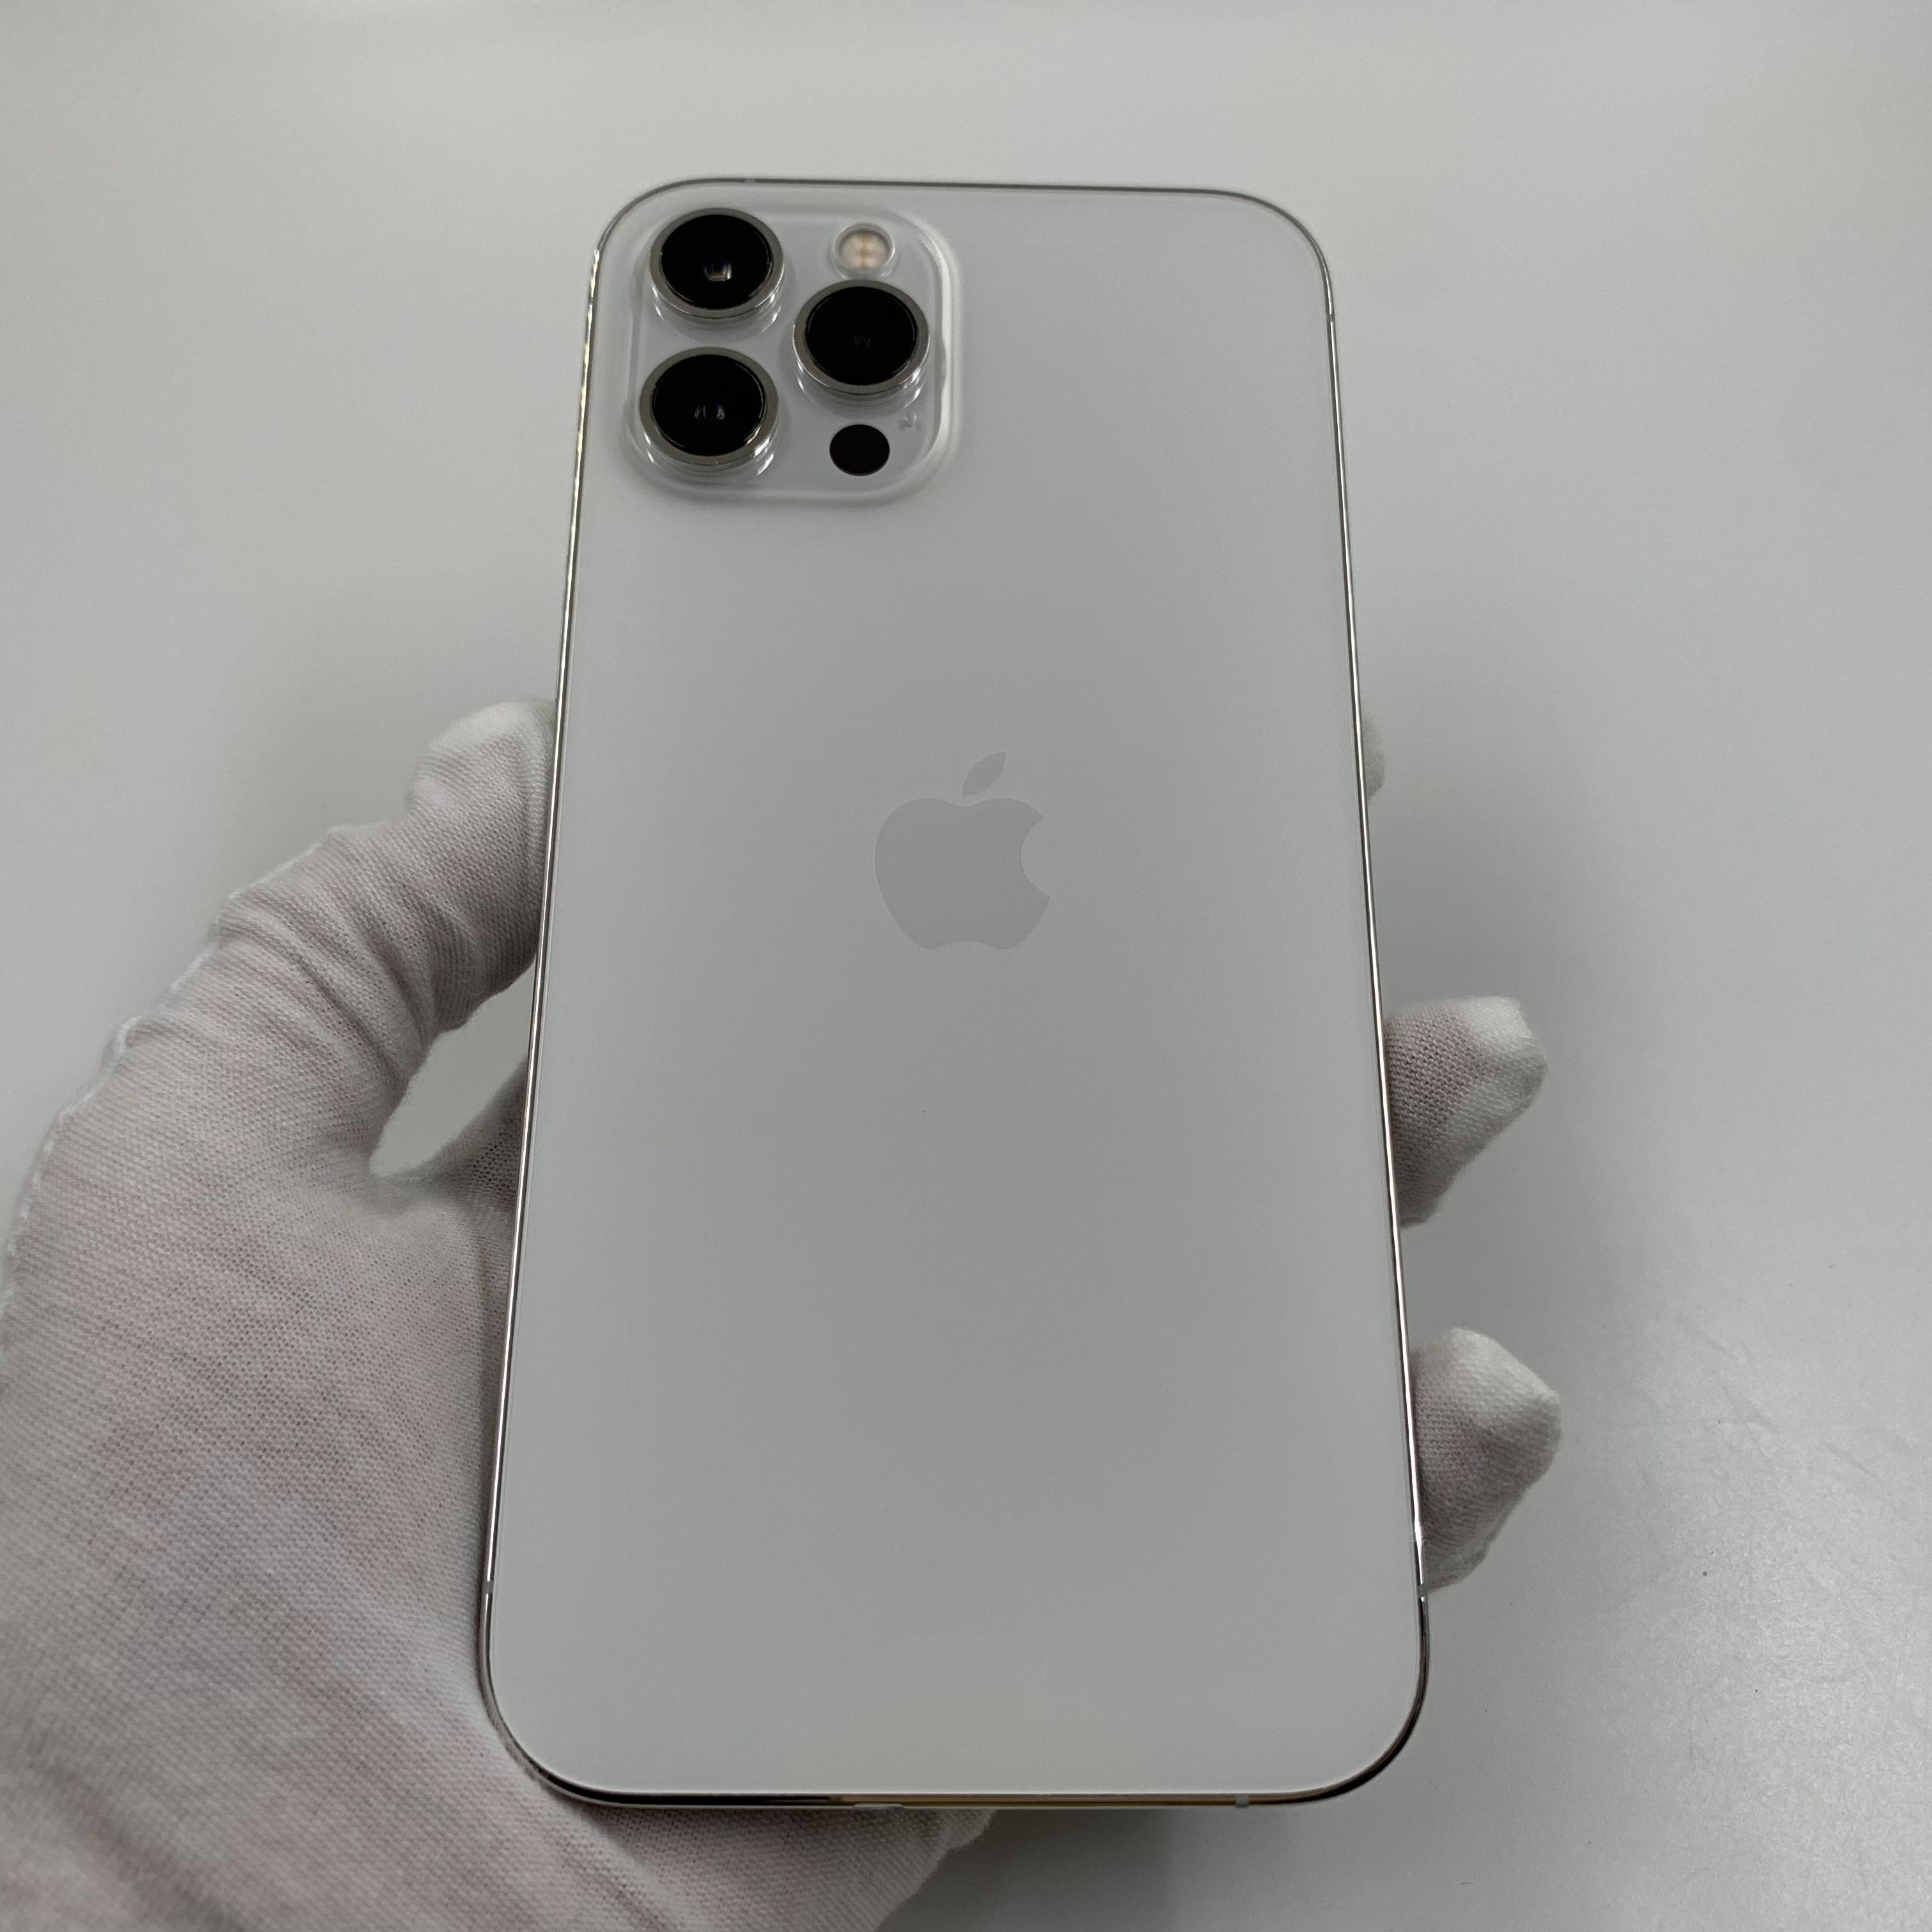 苹果【iPhone 12 Pro Max】5G全网通 银色 256G 国行 9成新 真机实拍官保2021-11-16